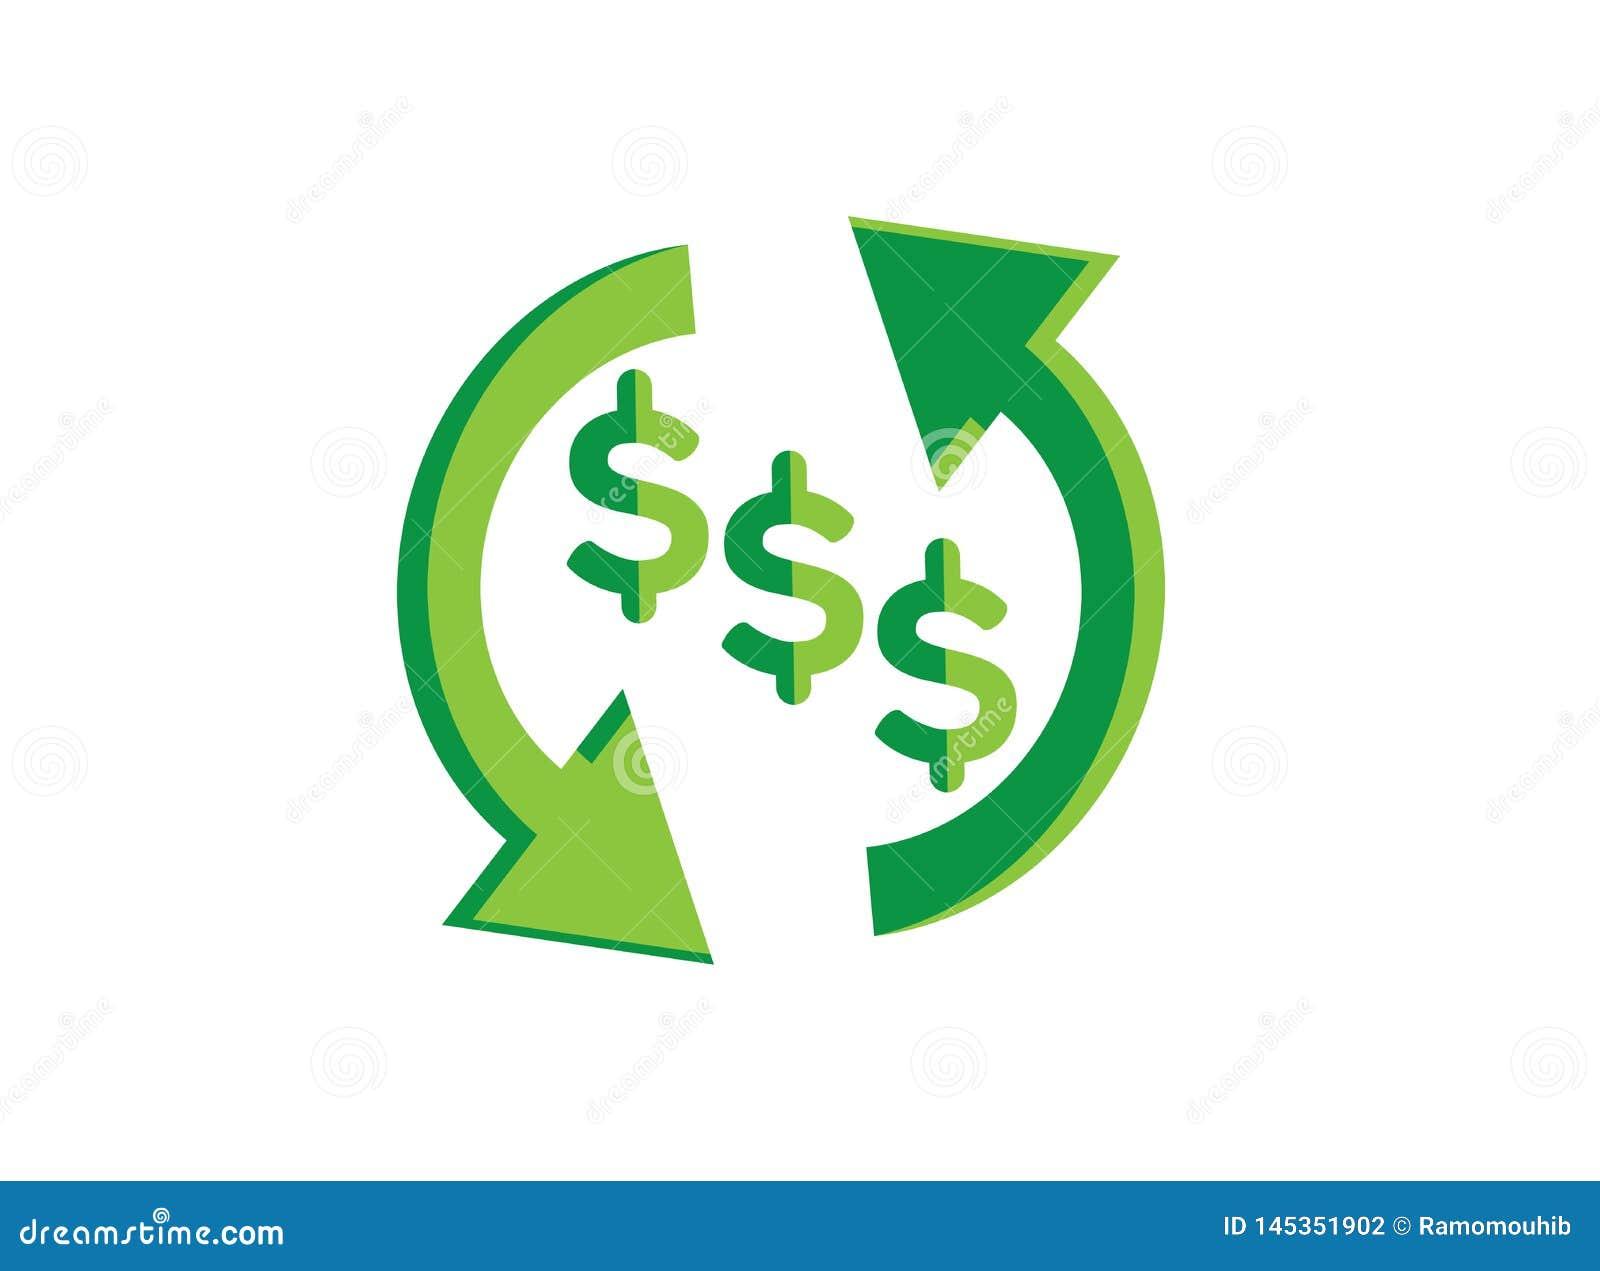 Inversión del símbolo del cambio del dinero para el ilustrador del diseño del logotipo, icono del intercambio